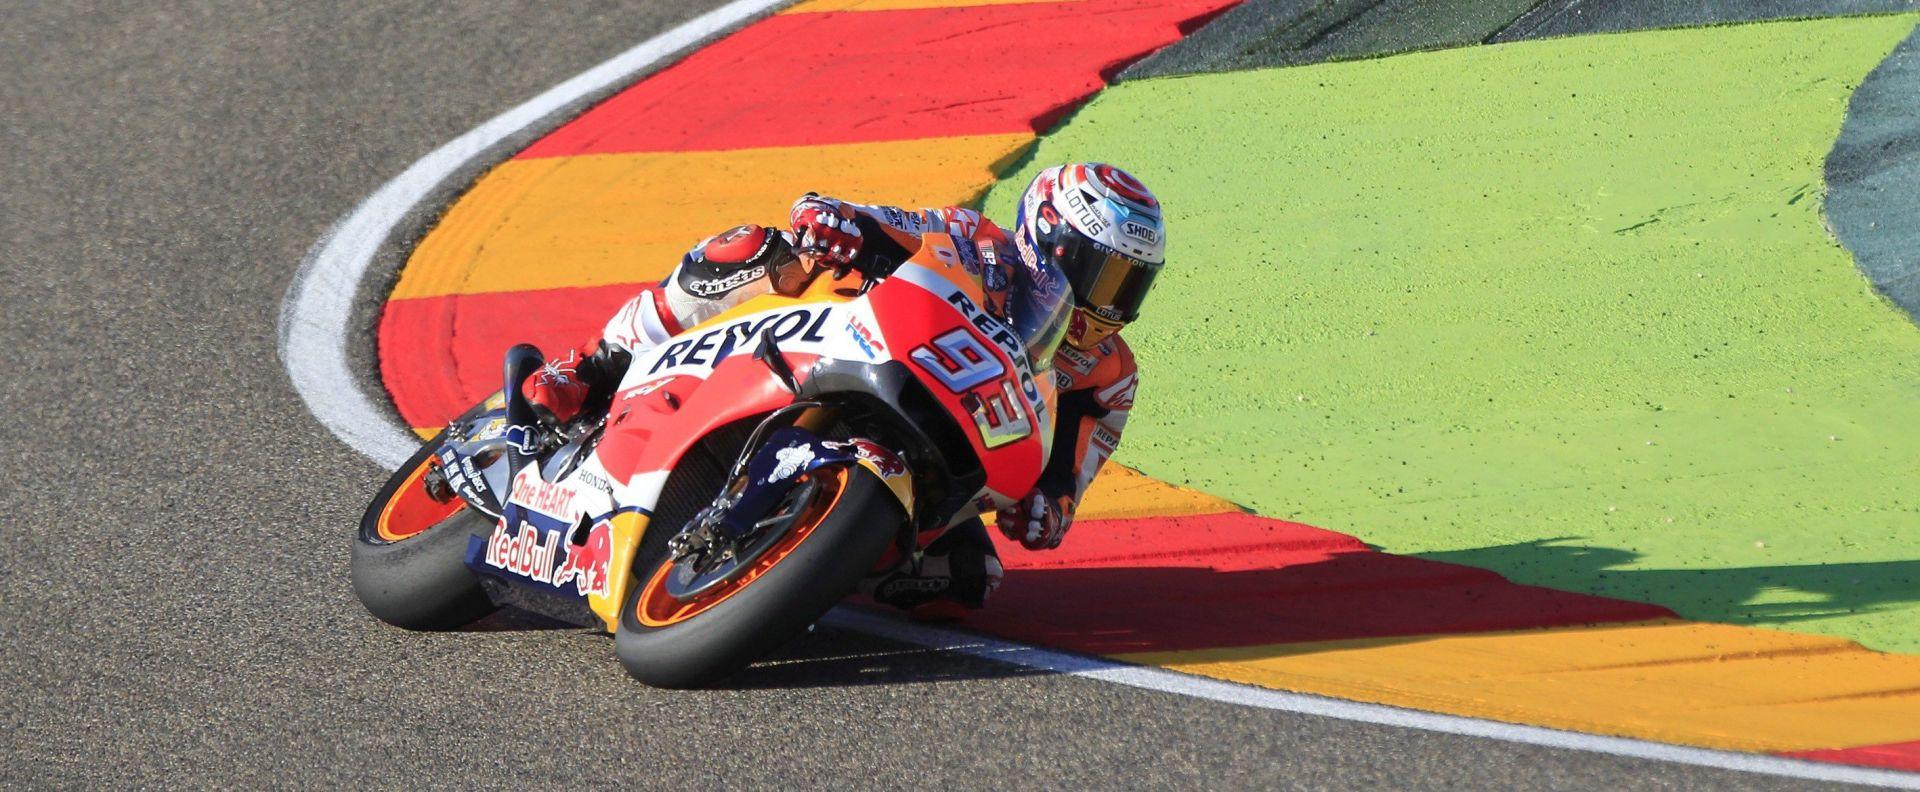 Alex Marquez svjetski prvak u Moto2, Vinalesu pobjeda u Sepangu